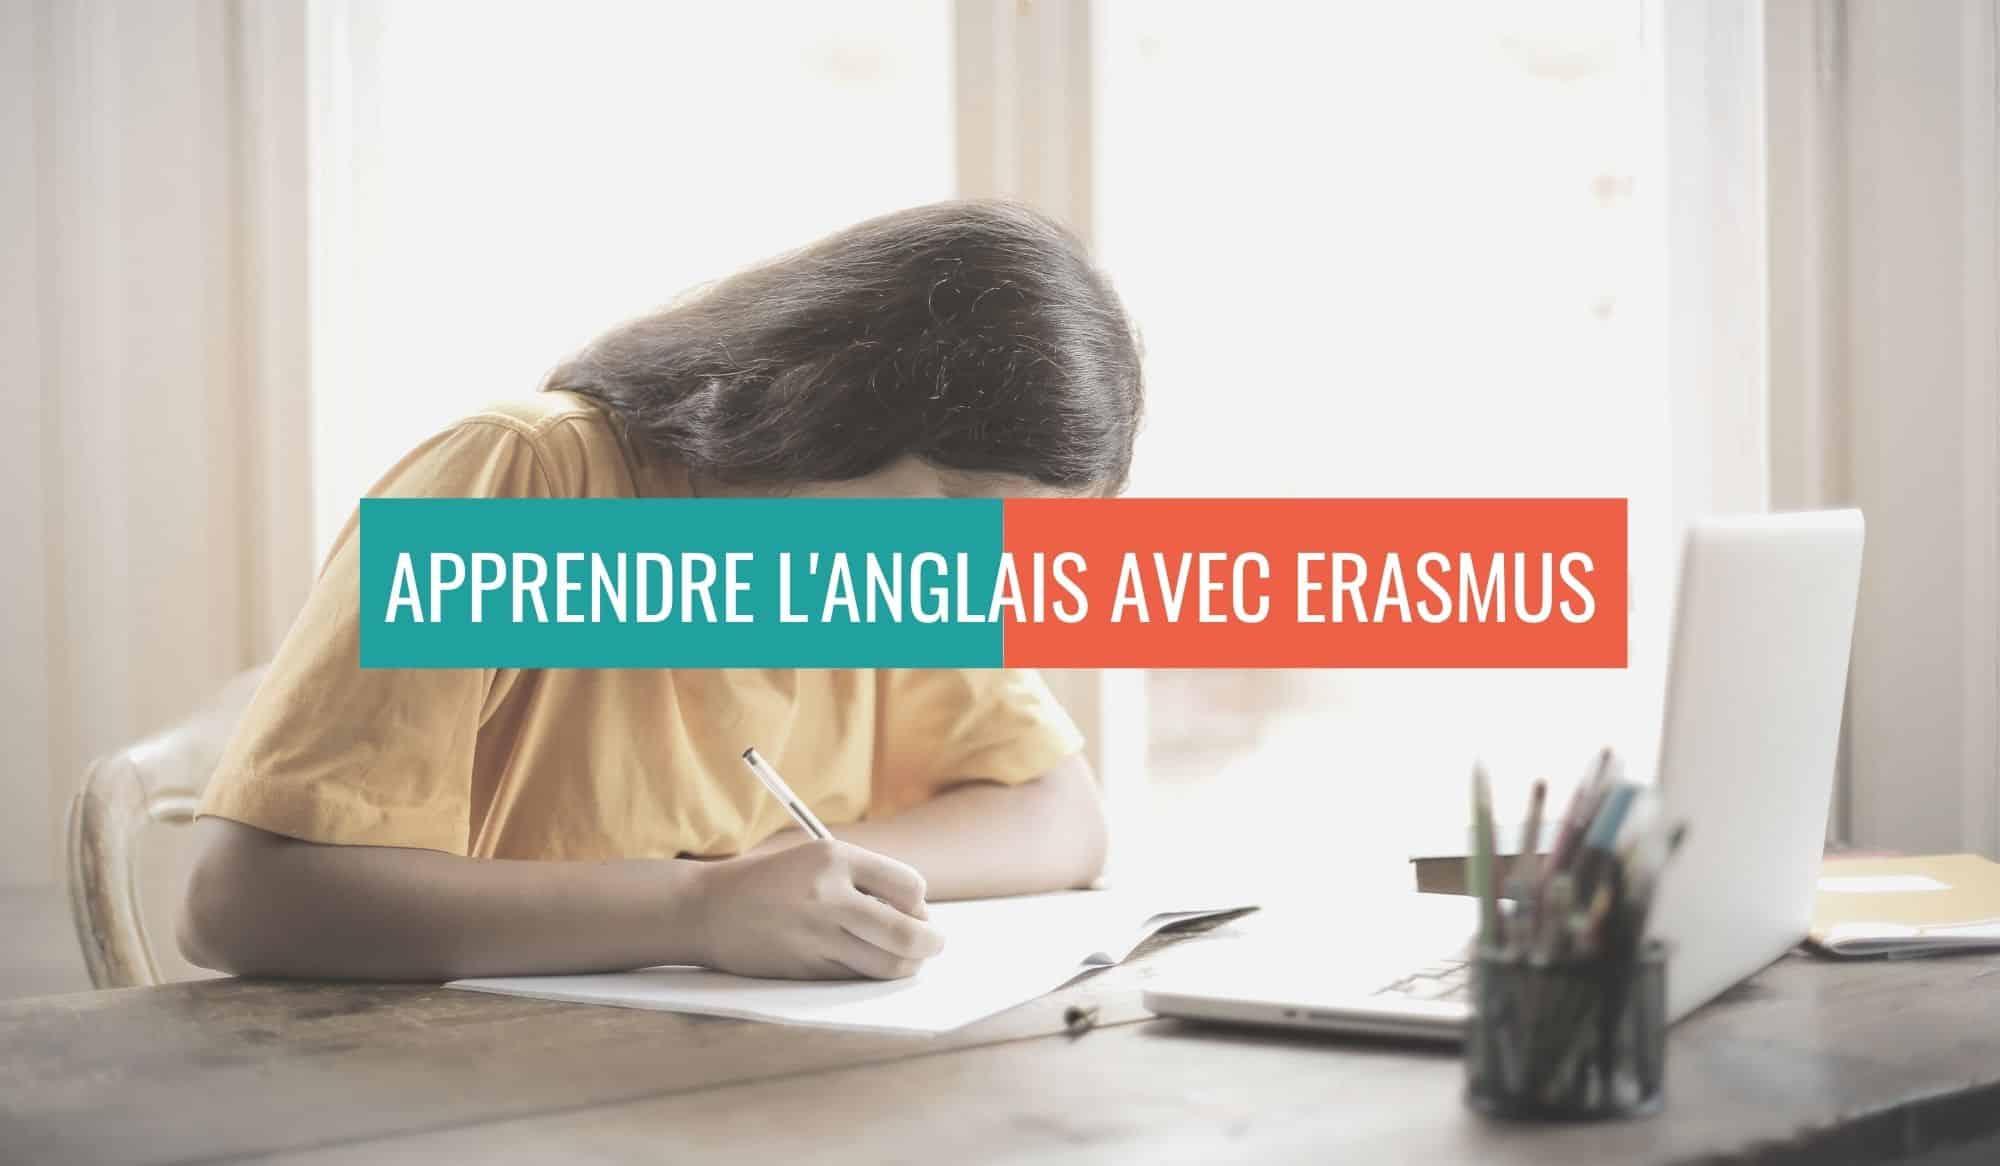 apprendre anglais avec erasmus